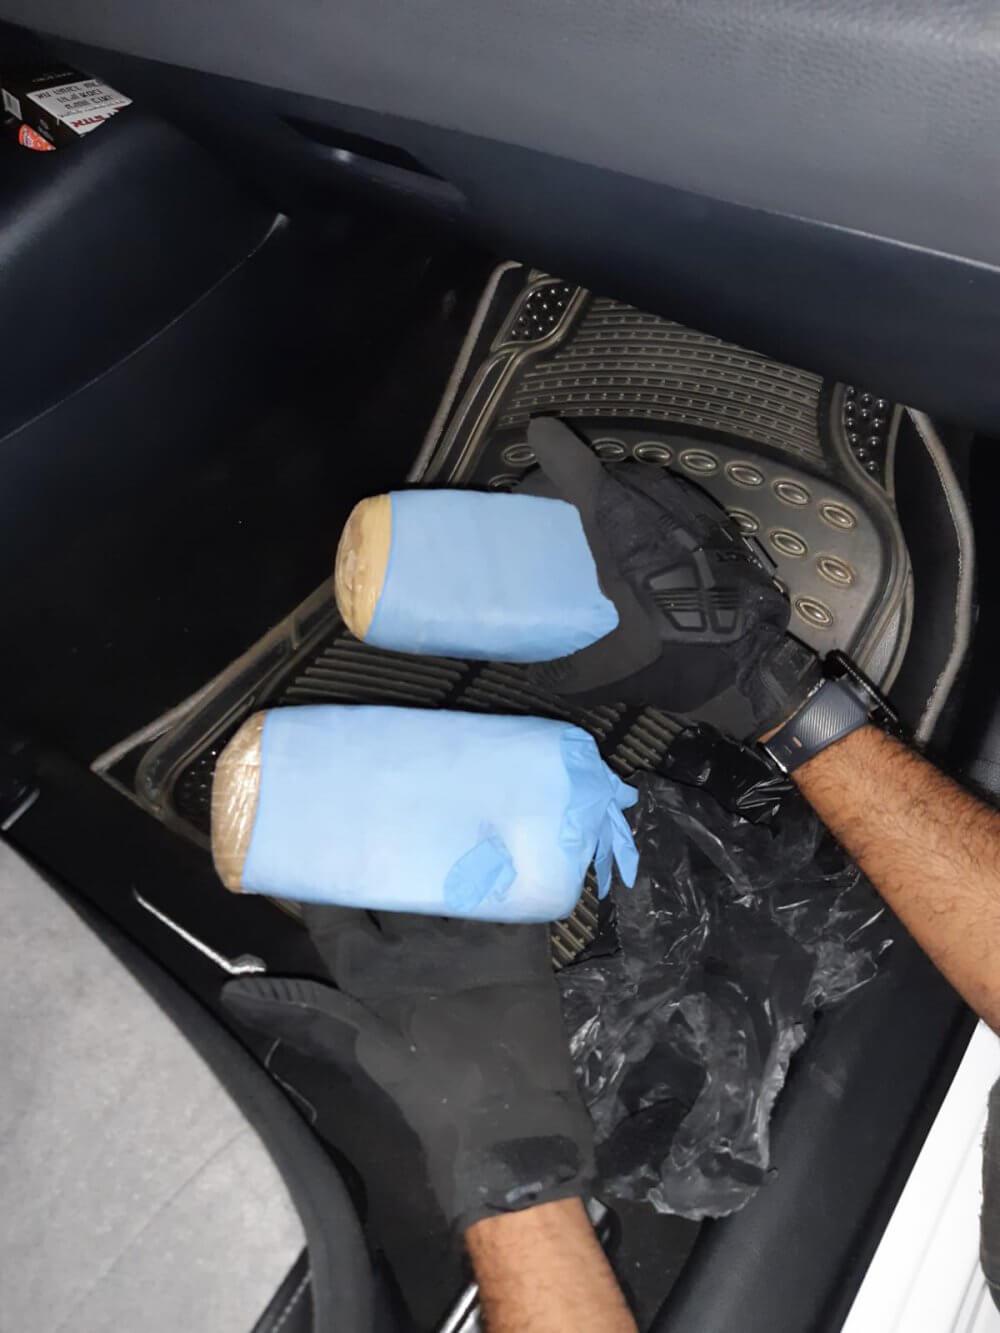 קילו הרואין נתפס בפעילות משטרה